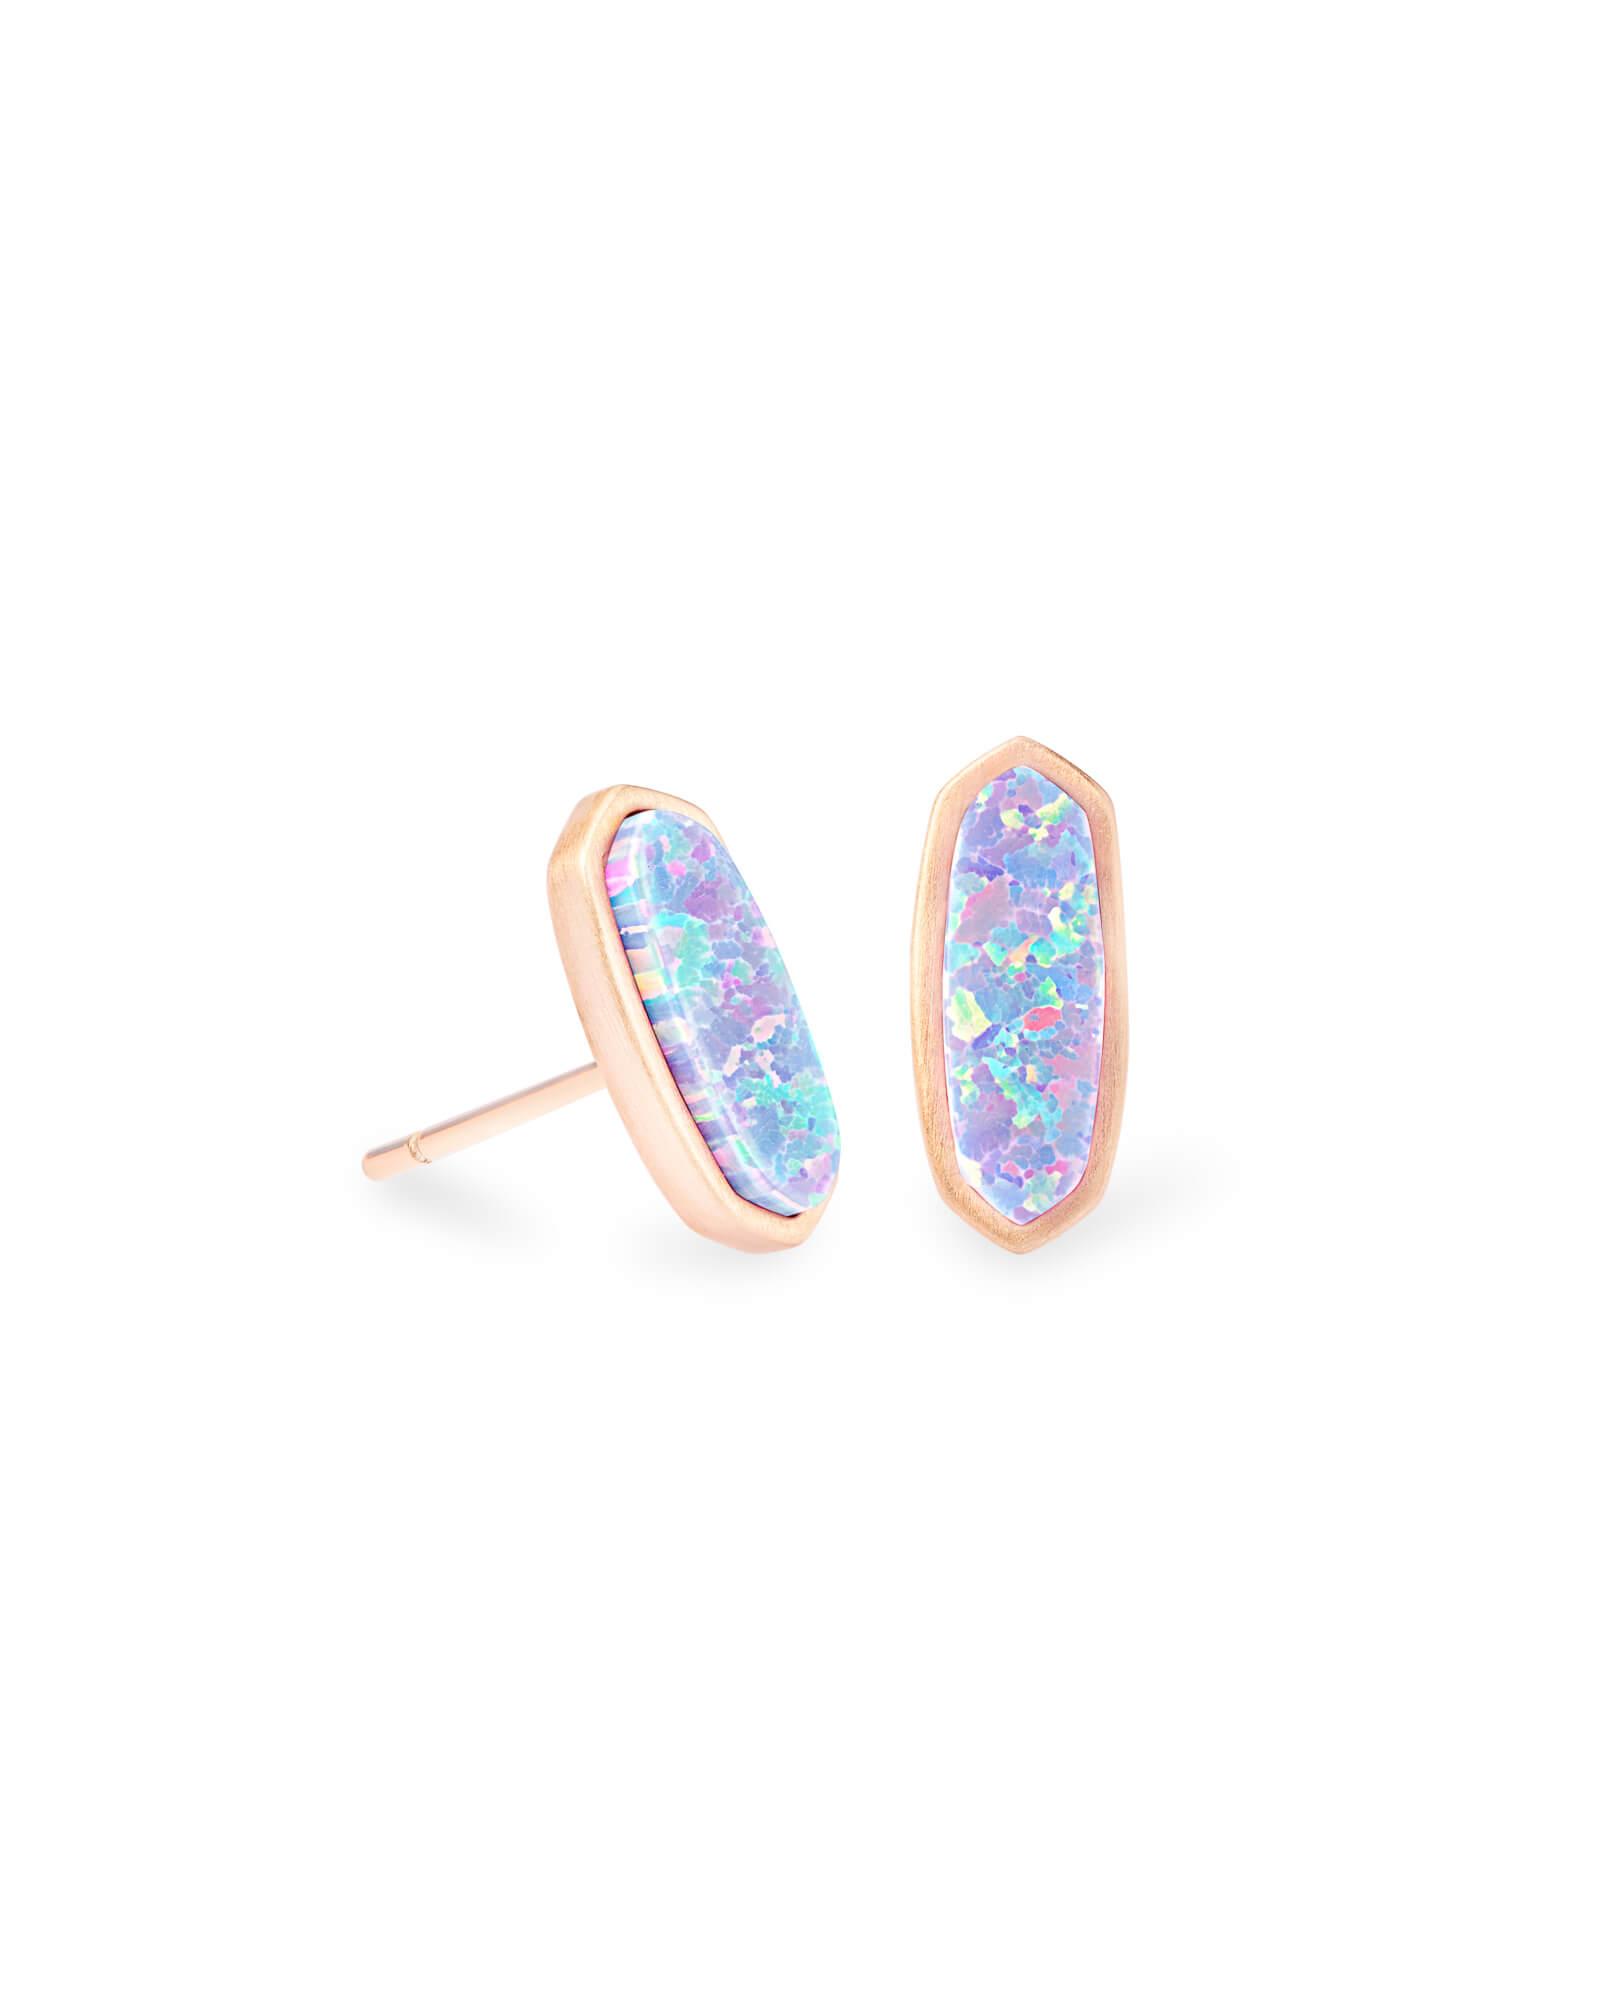 5cff335c8 Mae Rose Gold Stud Earrings in Lavender Kyocera Opal | Kendra Scott